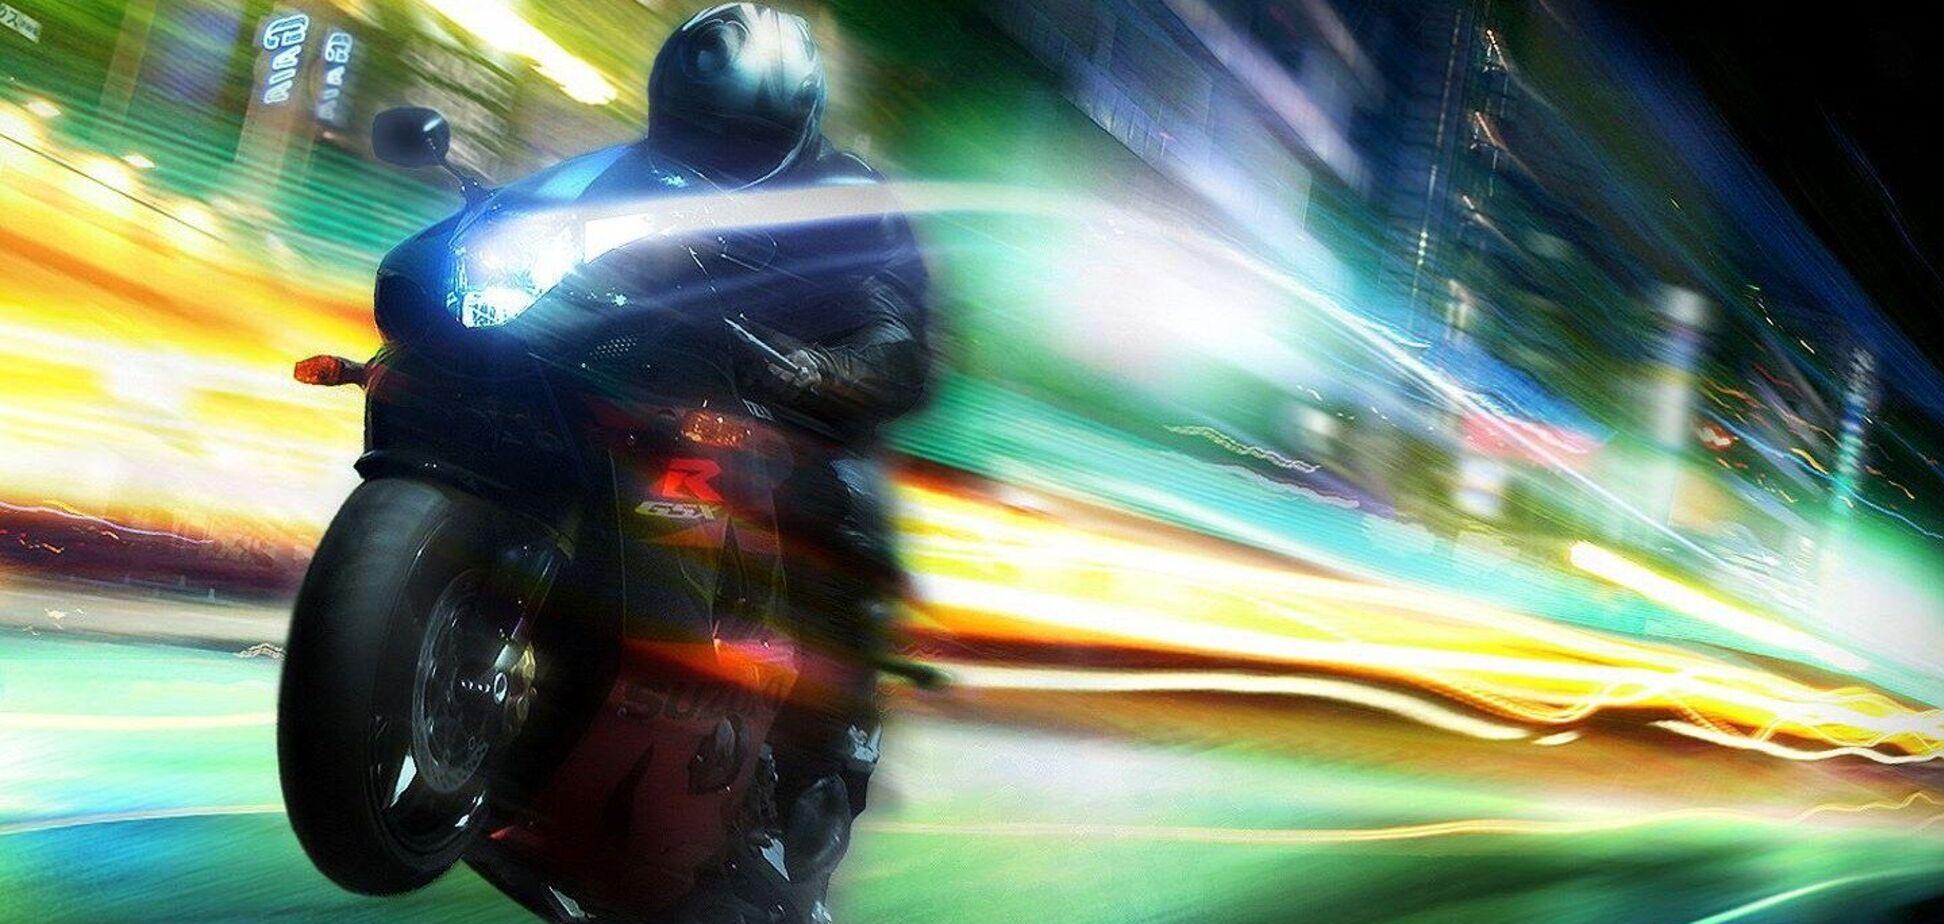 Під Дніпром мотоцикліст влетів в авто, втікаючи від поліції: є загиблий